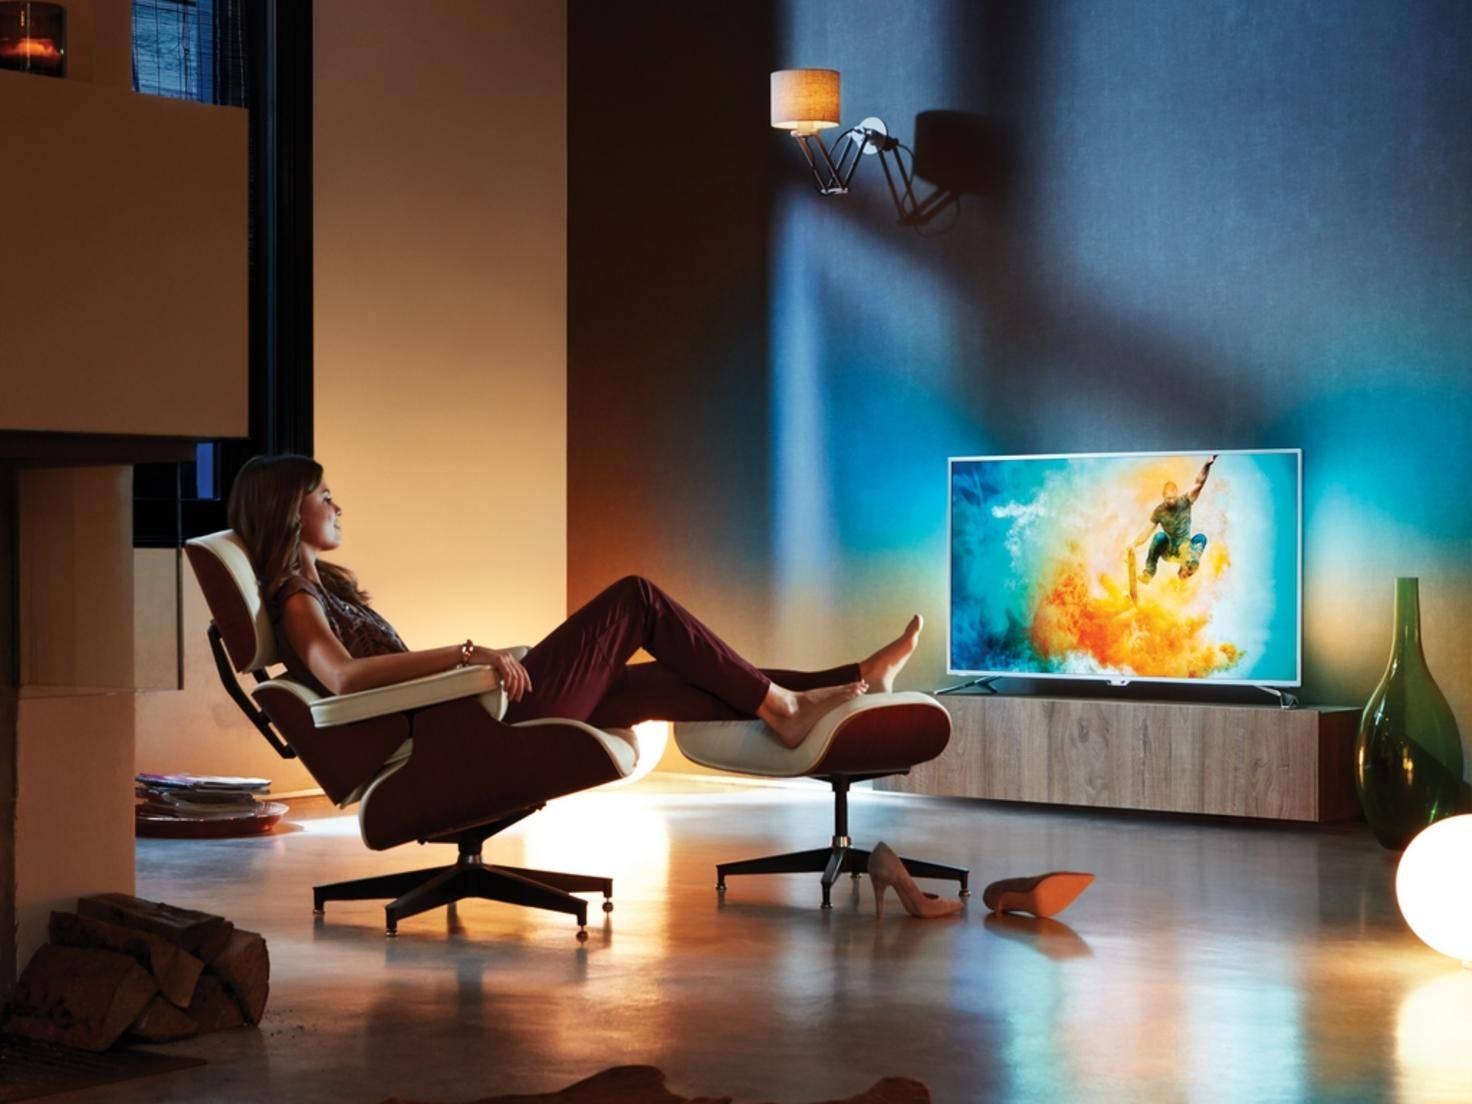 Philips_Fernseher_Wohnzimmer